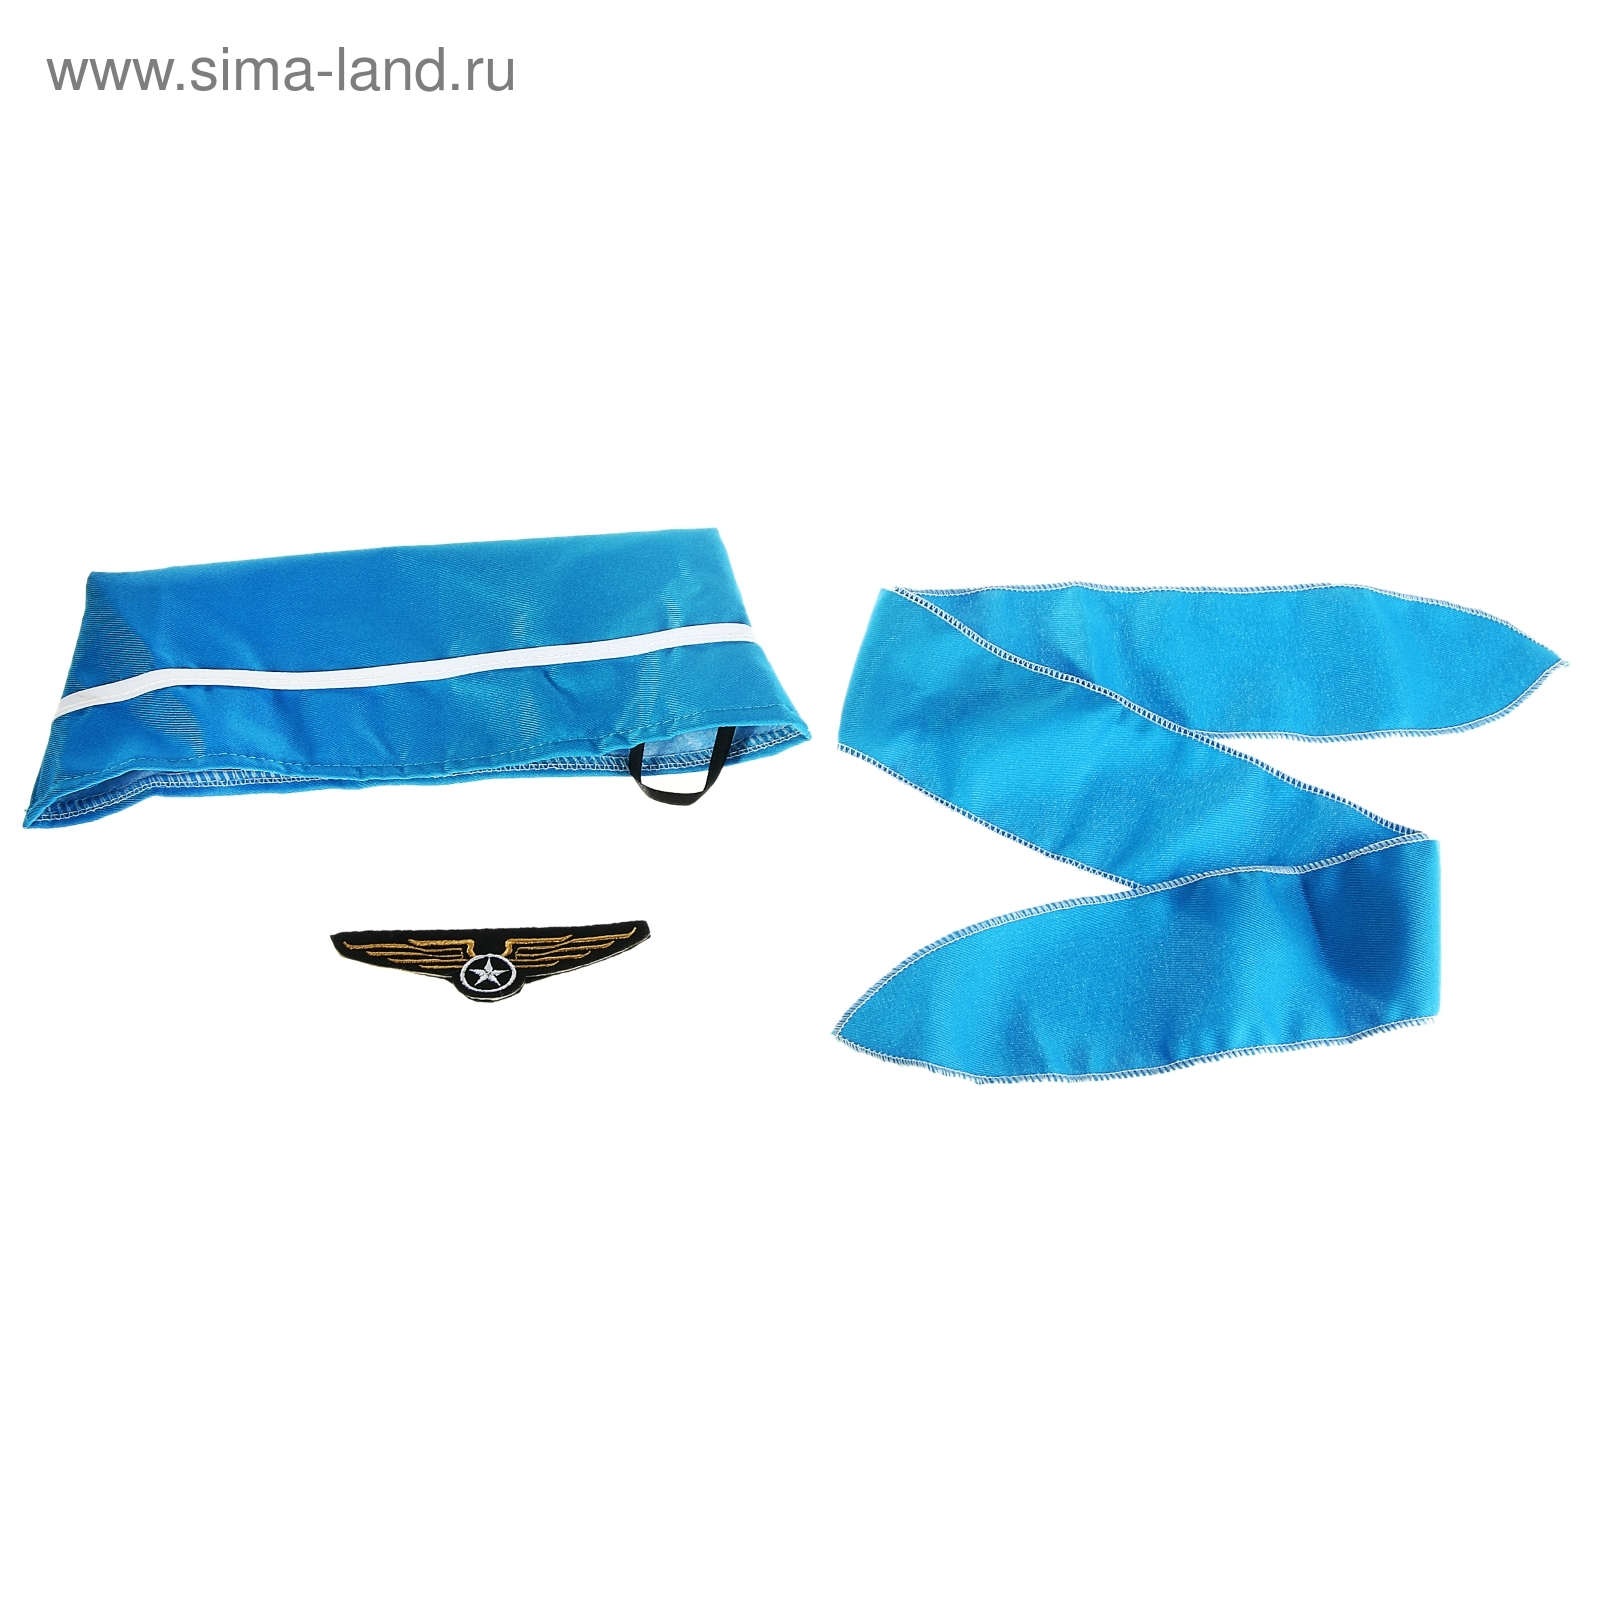 pilotki-styuardess-smotret-foto